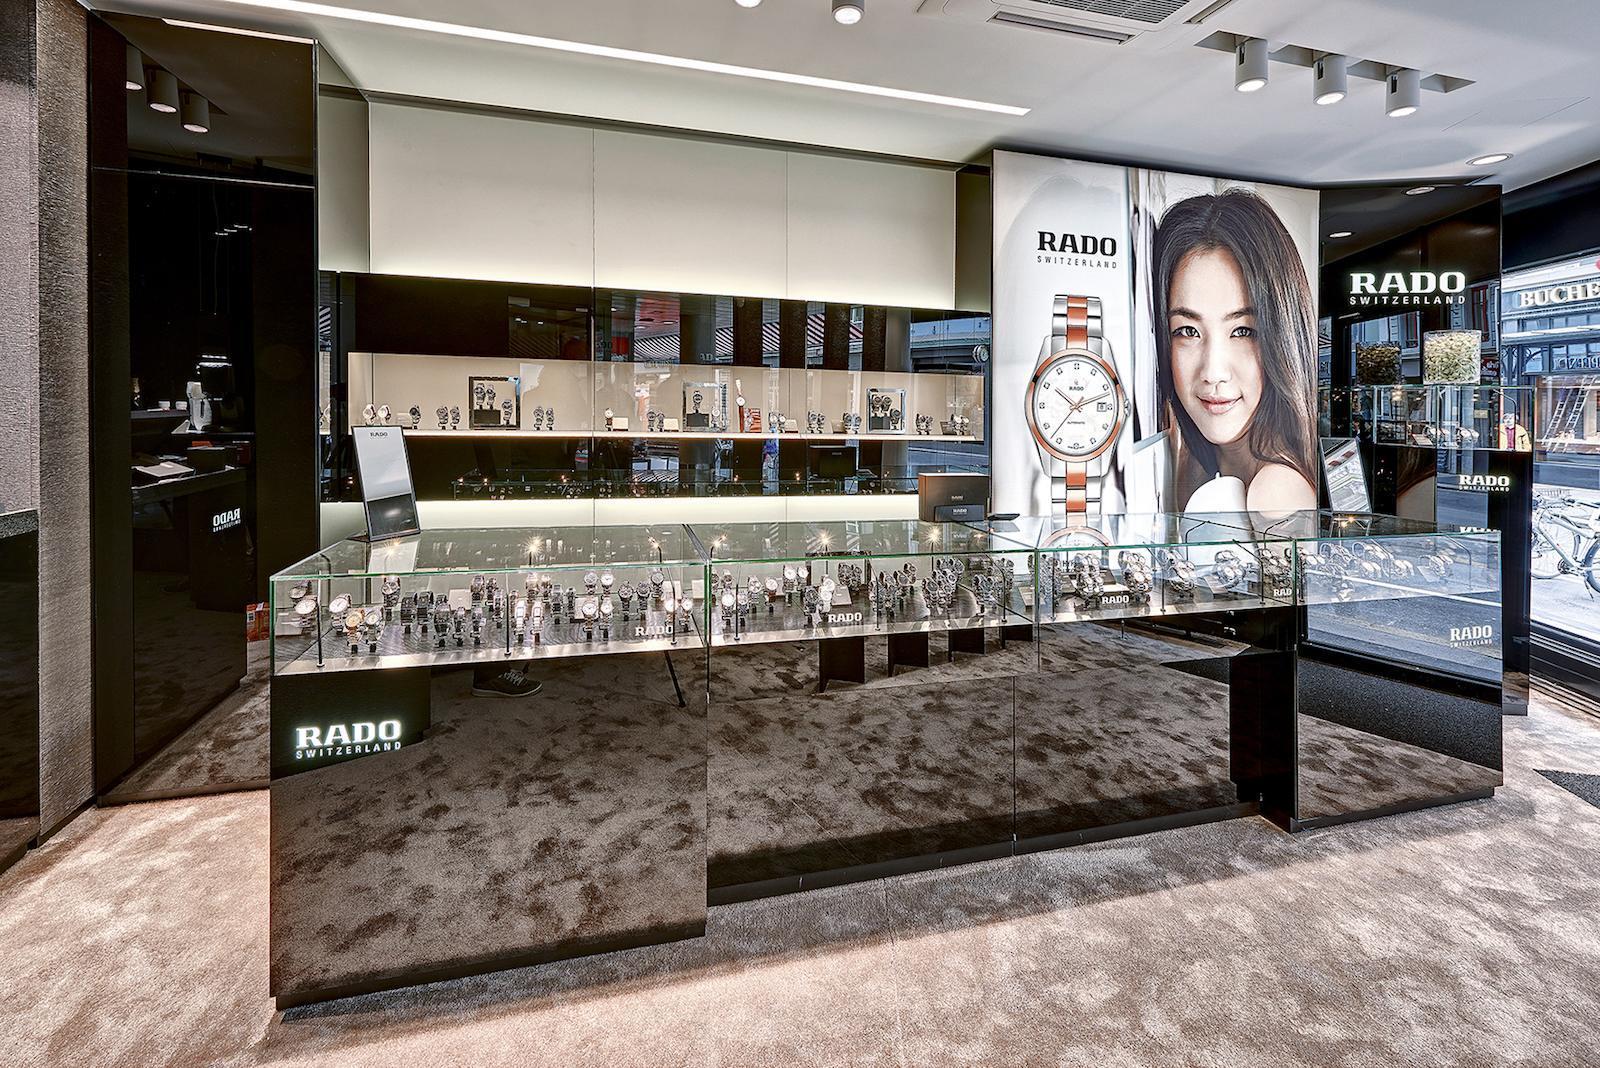 Cómo comprar un reloj. 17 Consejos, advertencias y cosas a tener en cuenta